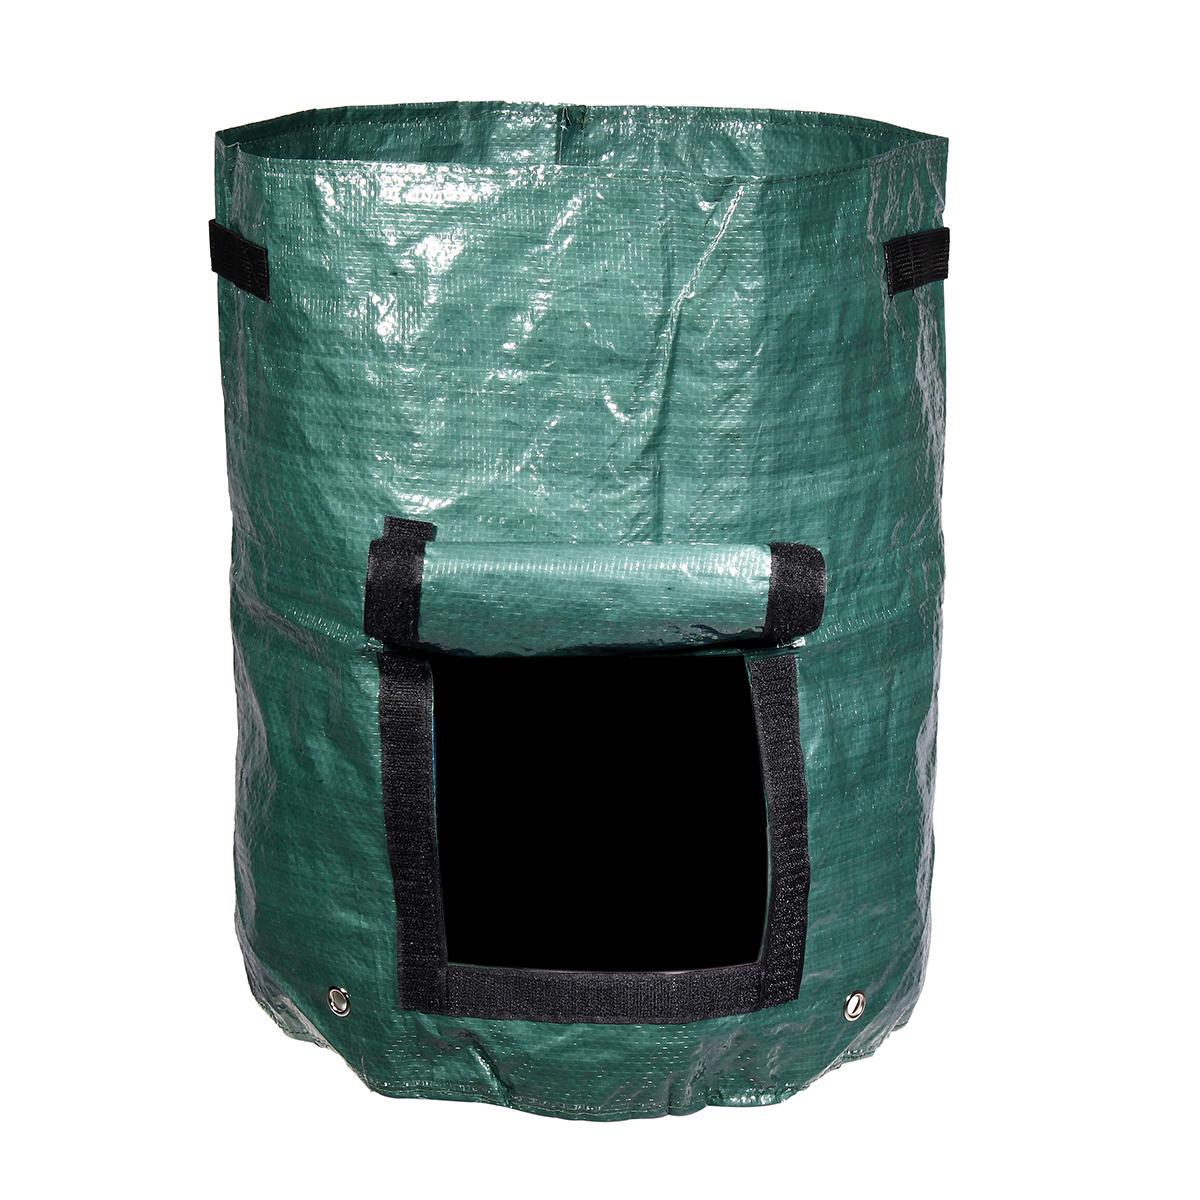 kitchen composter cabinet installation cost 60l organic waste converter bin compost storage customer also viewed